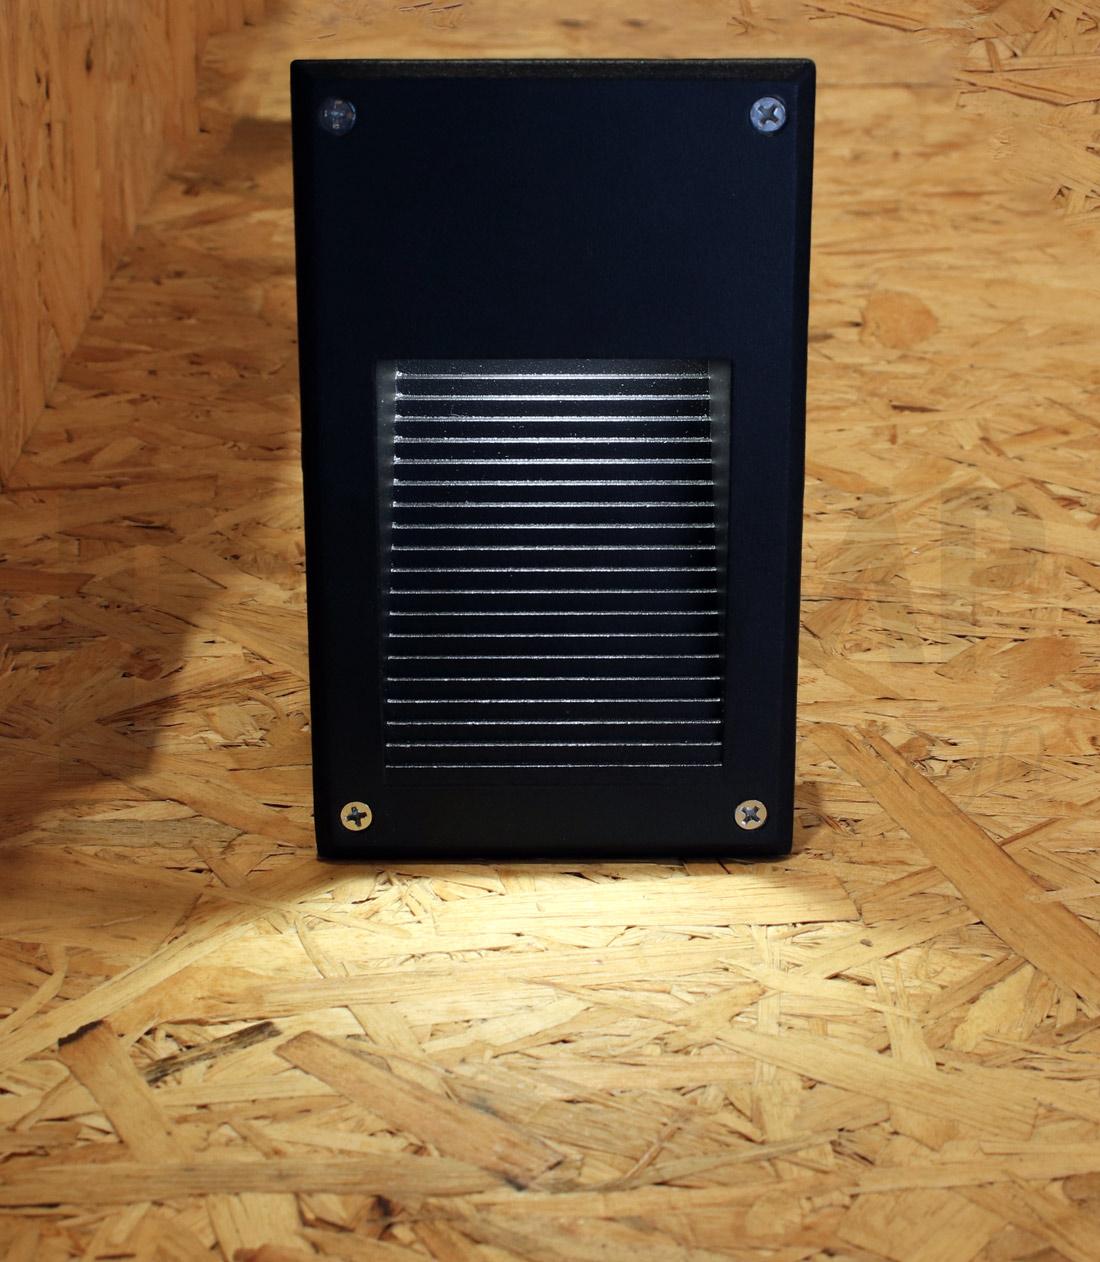 โคมไฟ Steplight โคมไฟฝังผนัง โคมไฟติดขั้นบันได โคมไฟติดผนัง TORIA-BK